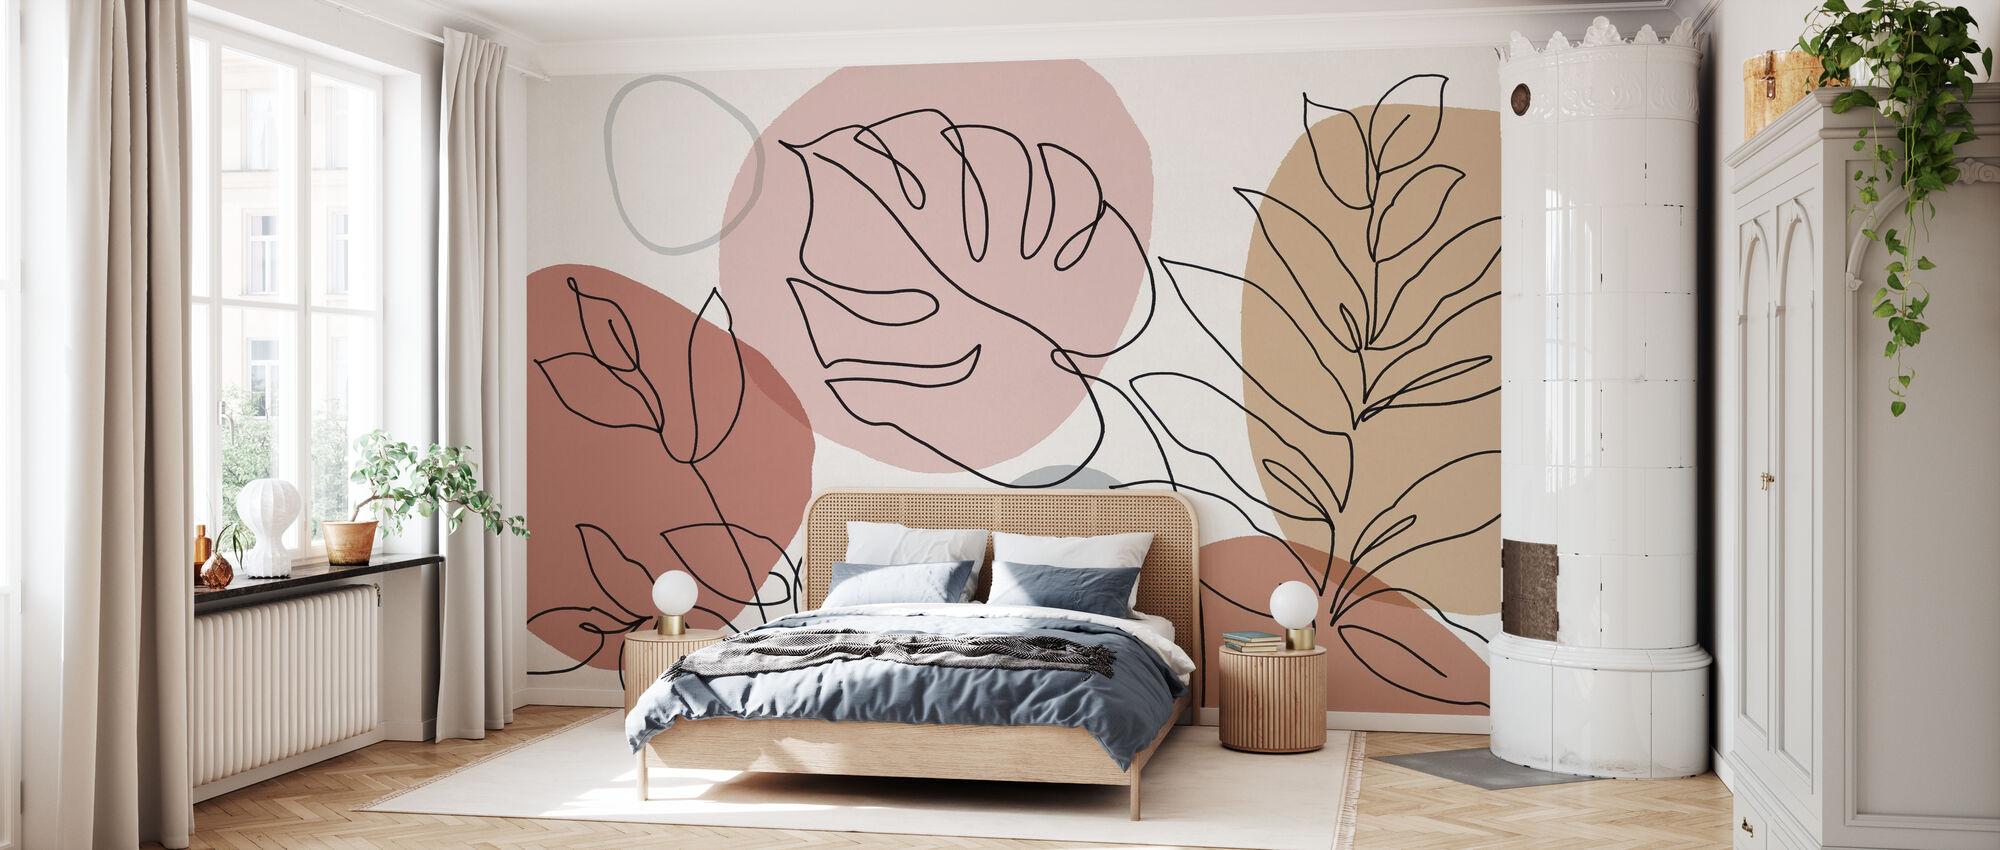 Solo foglie - Carta da parati - Camera da letto